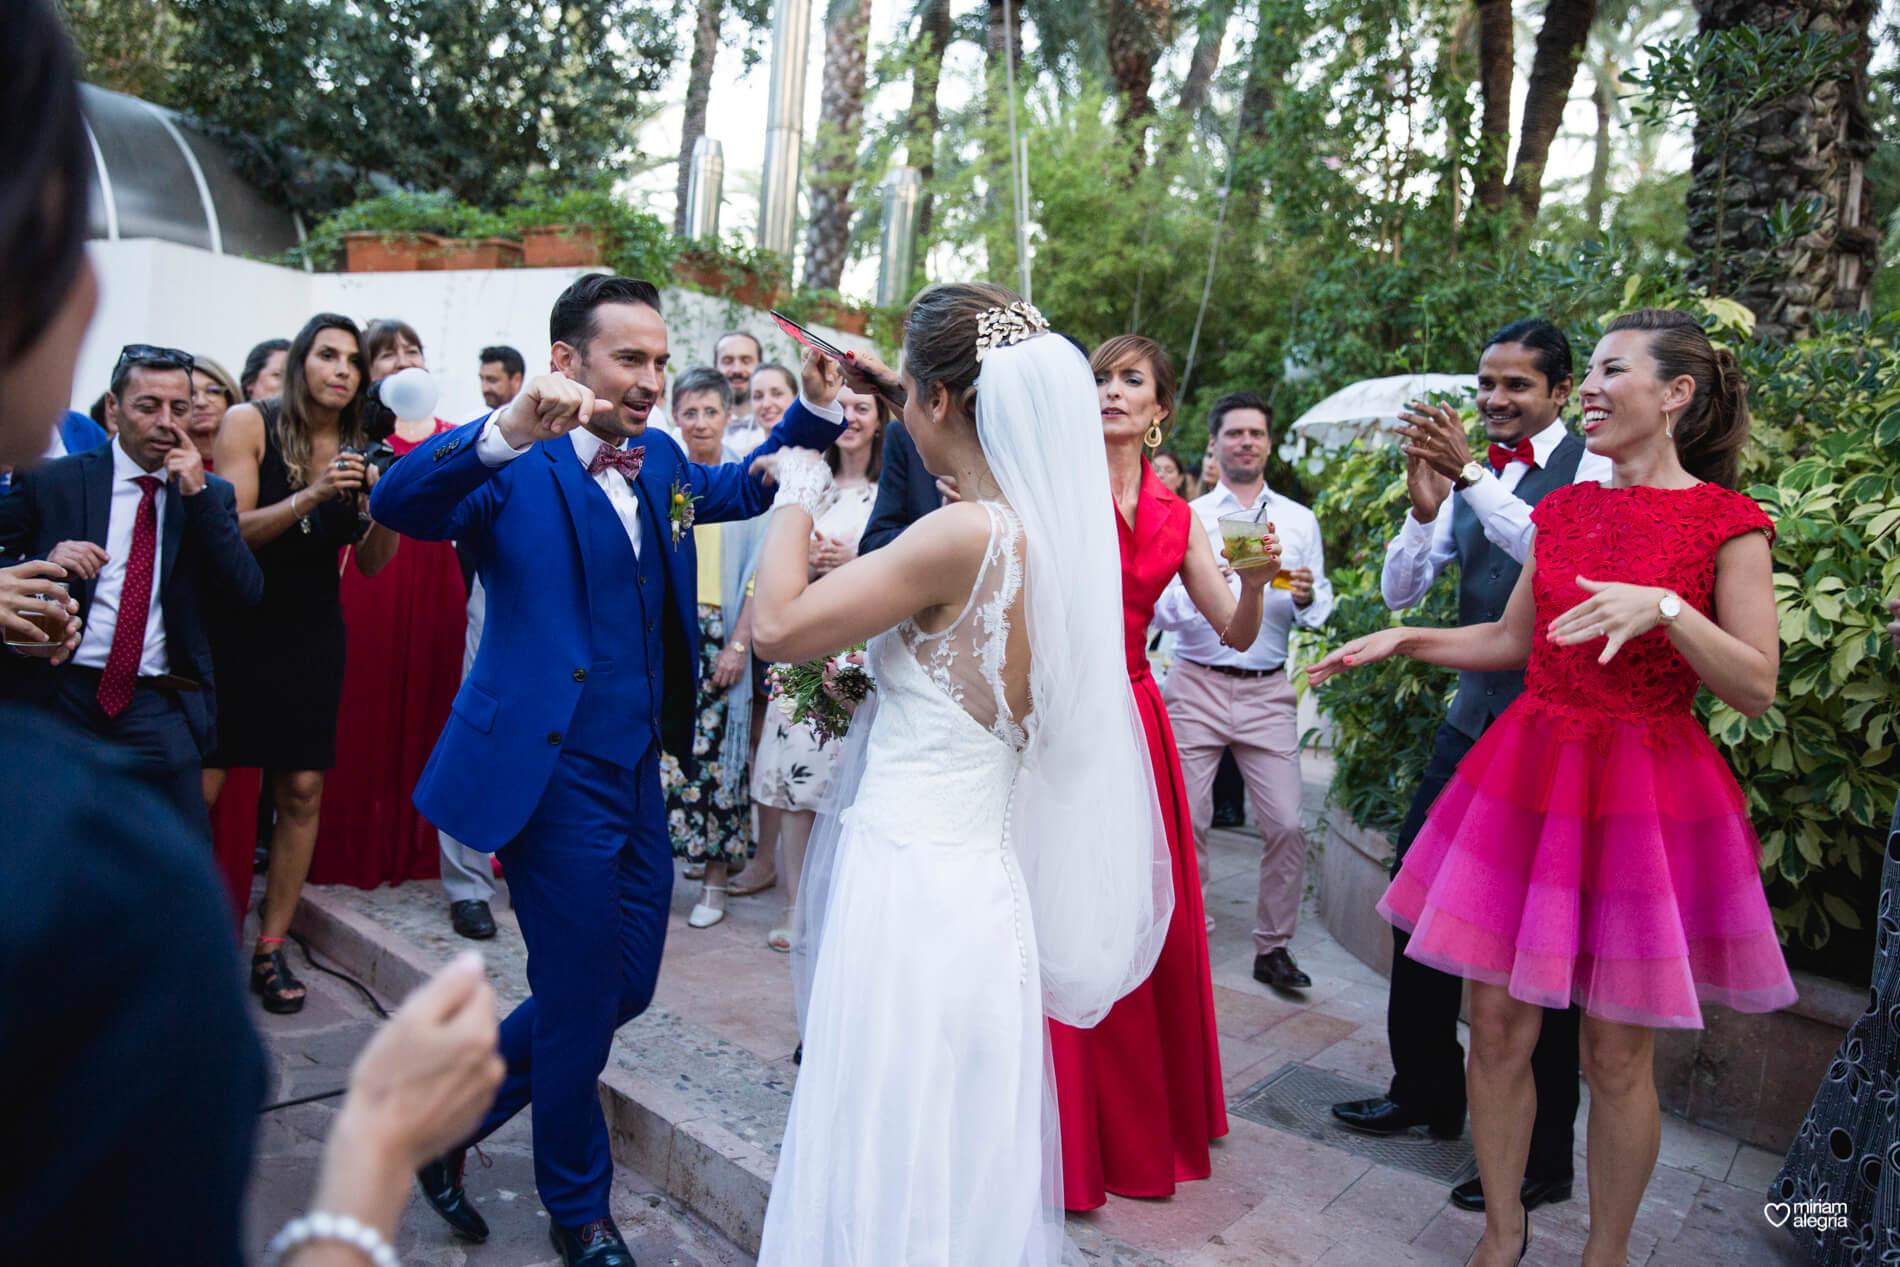 wedding-huerto-del-cura-elche-miriam-alegria-fotografos-boda-62